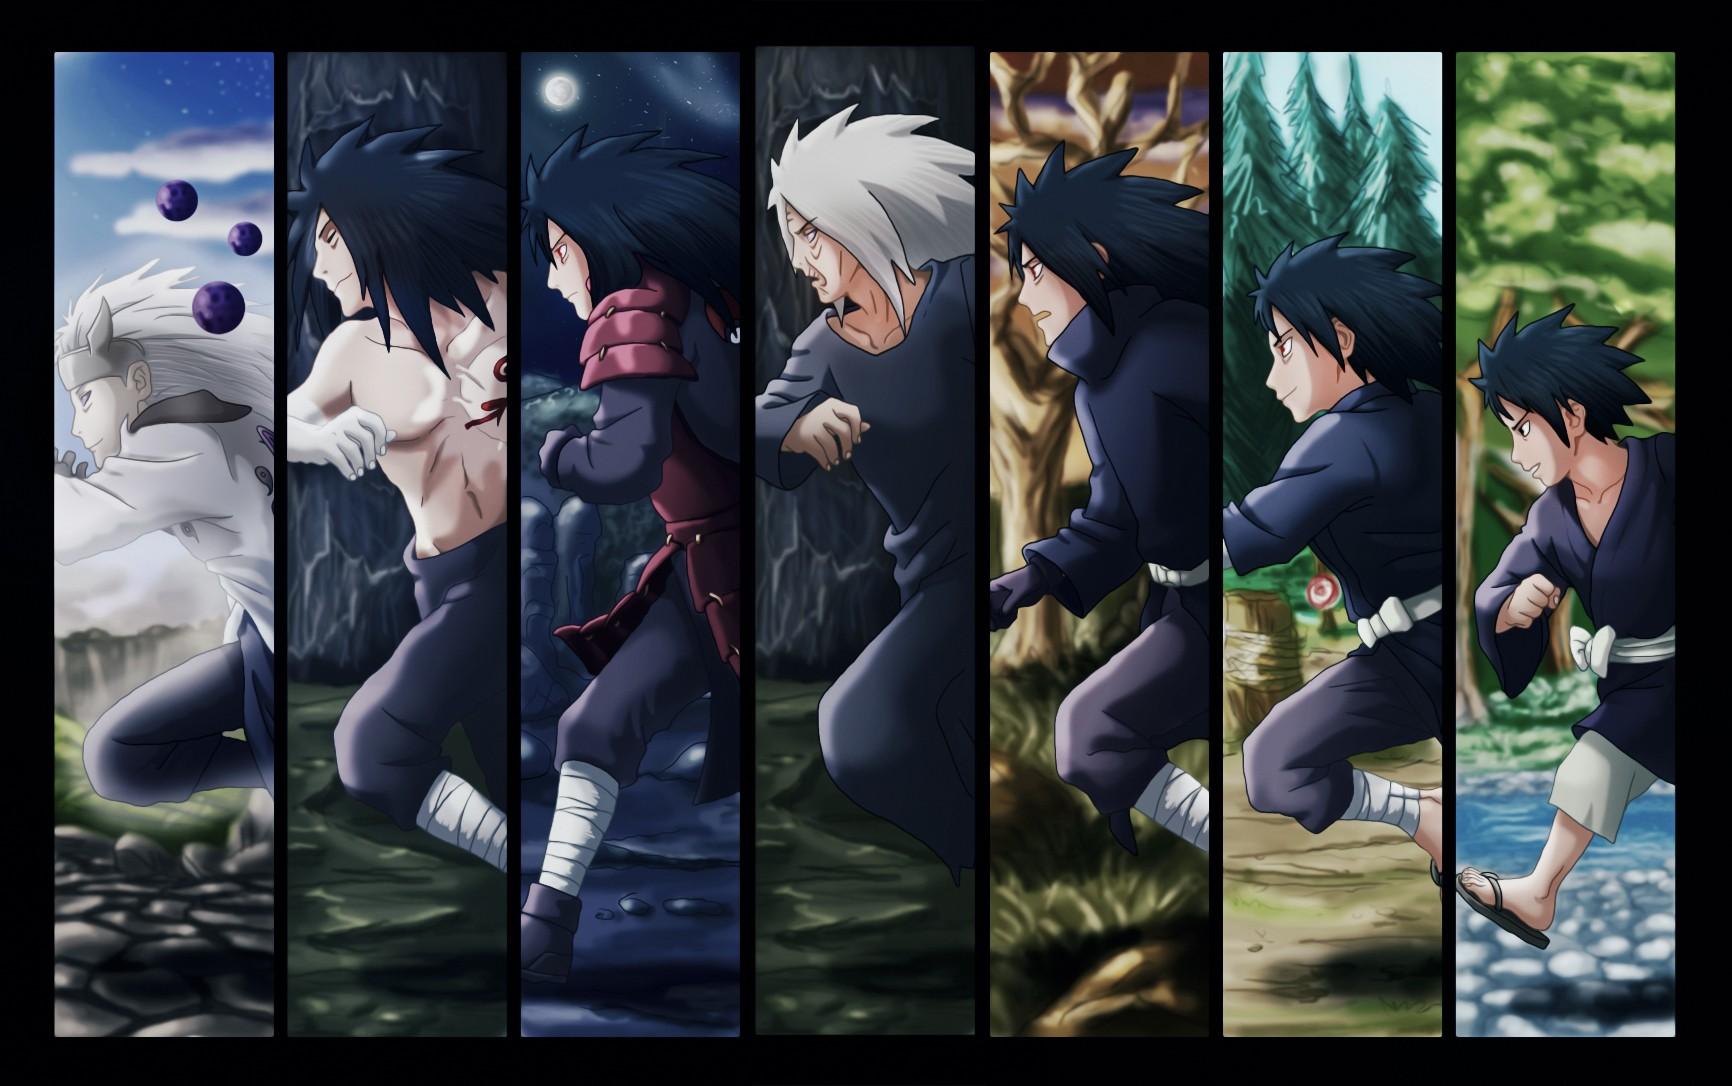 Wallpaper Anime Naruto Shippuuden Uchiha Madara Evolution